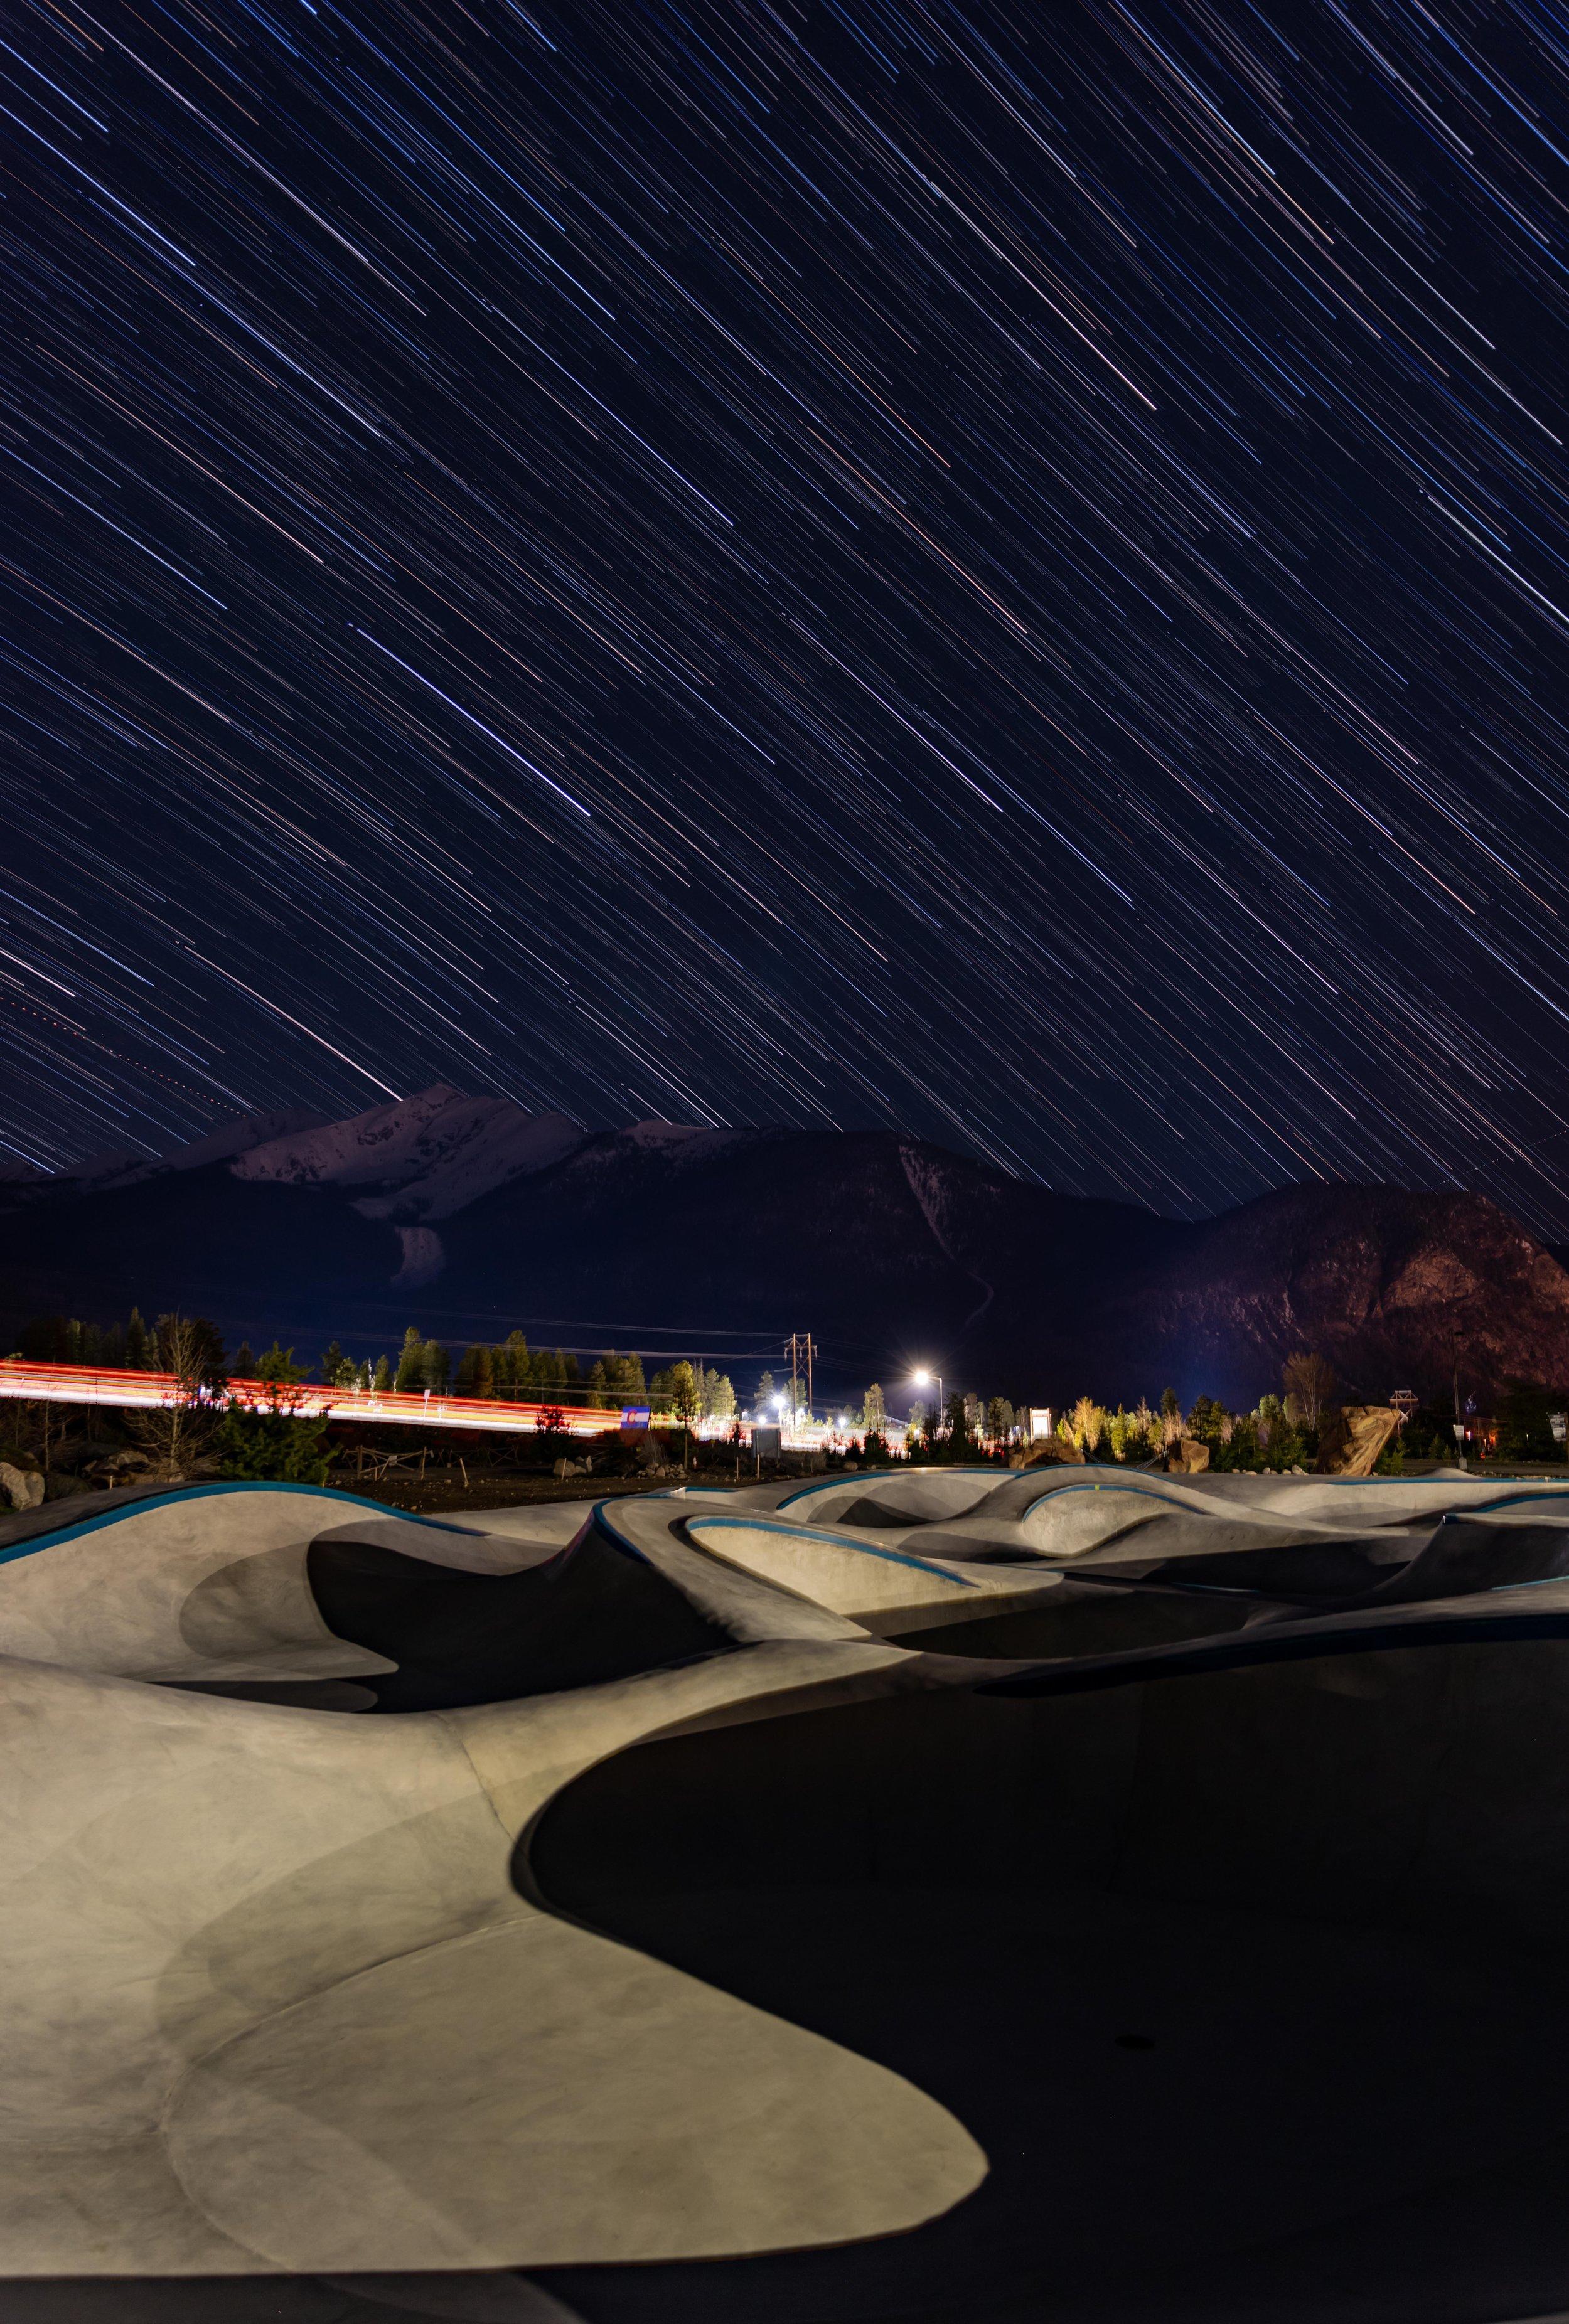 Moon lit moonscape 🌒 Frisco, Colorado 💯